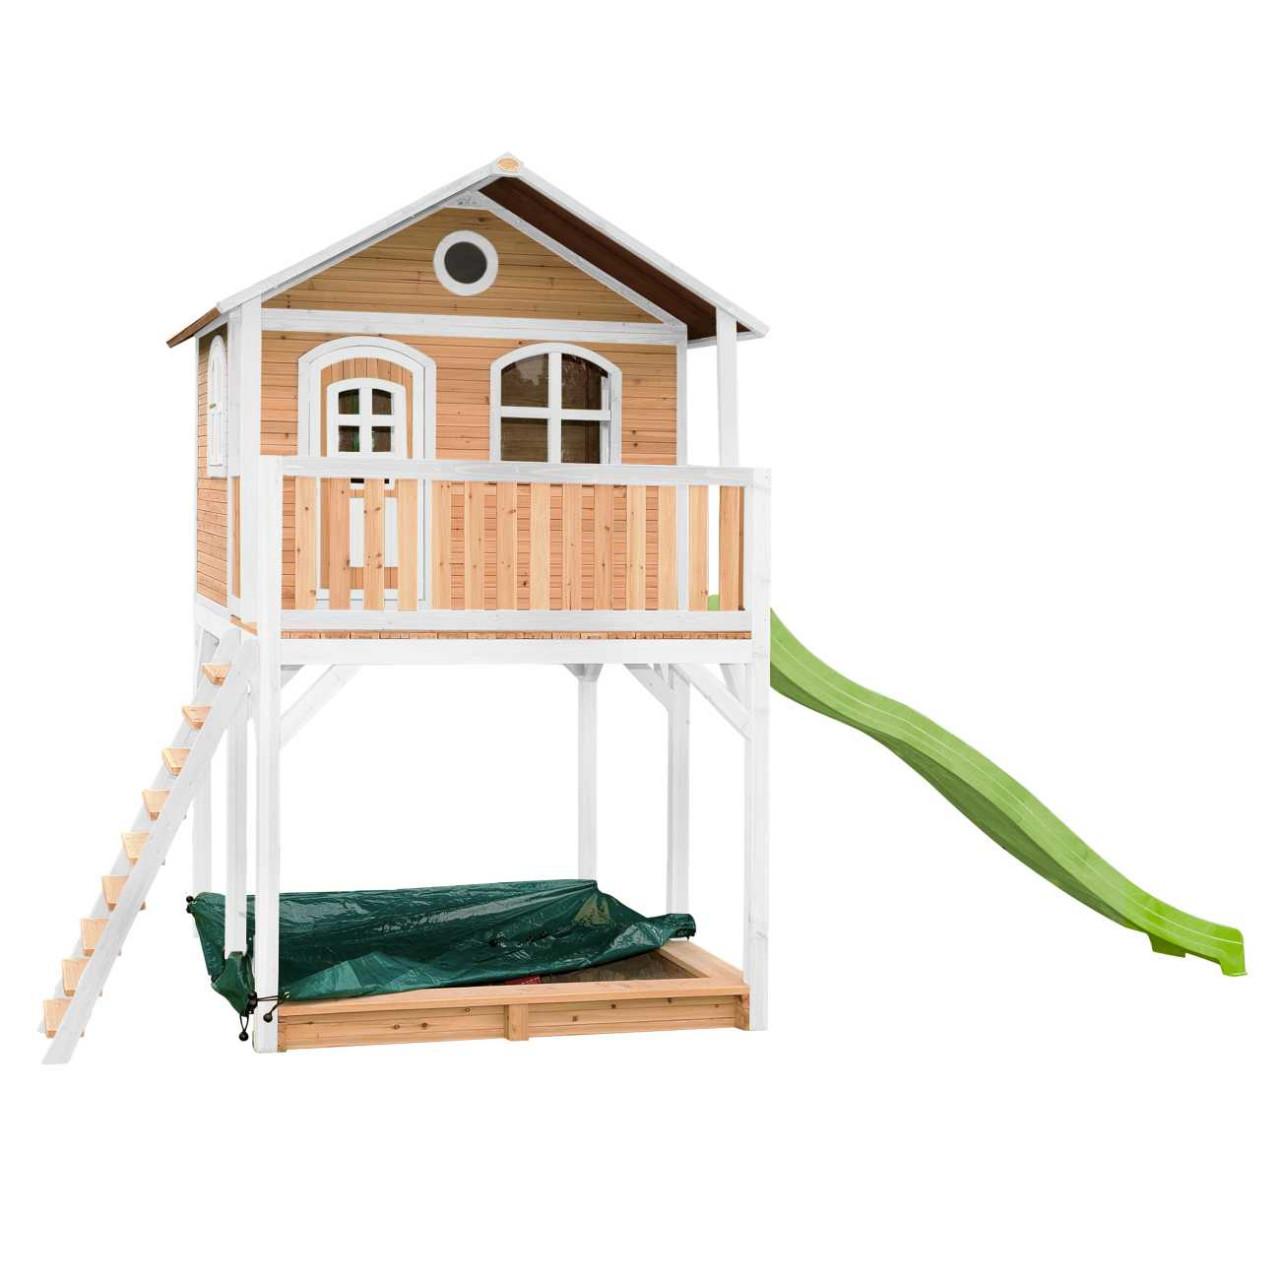 Kinder Stelzenhaus Andy von Axi, Kinder, Spielhaus, Garten